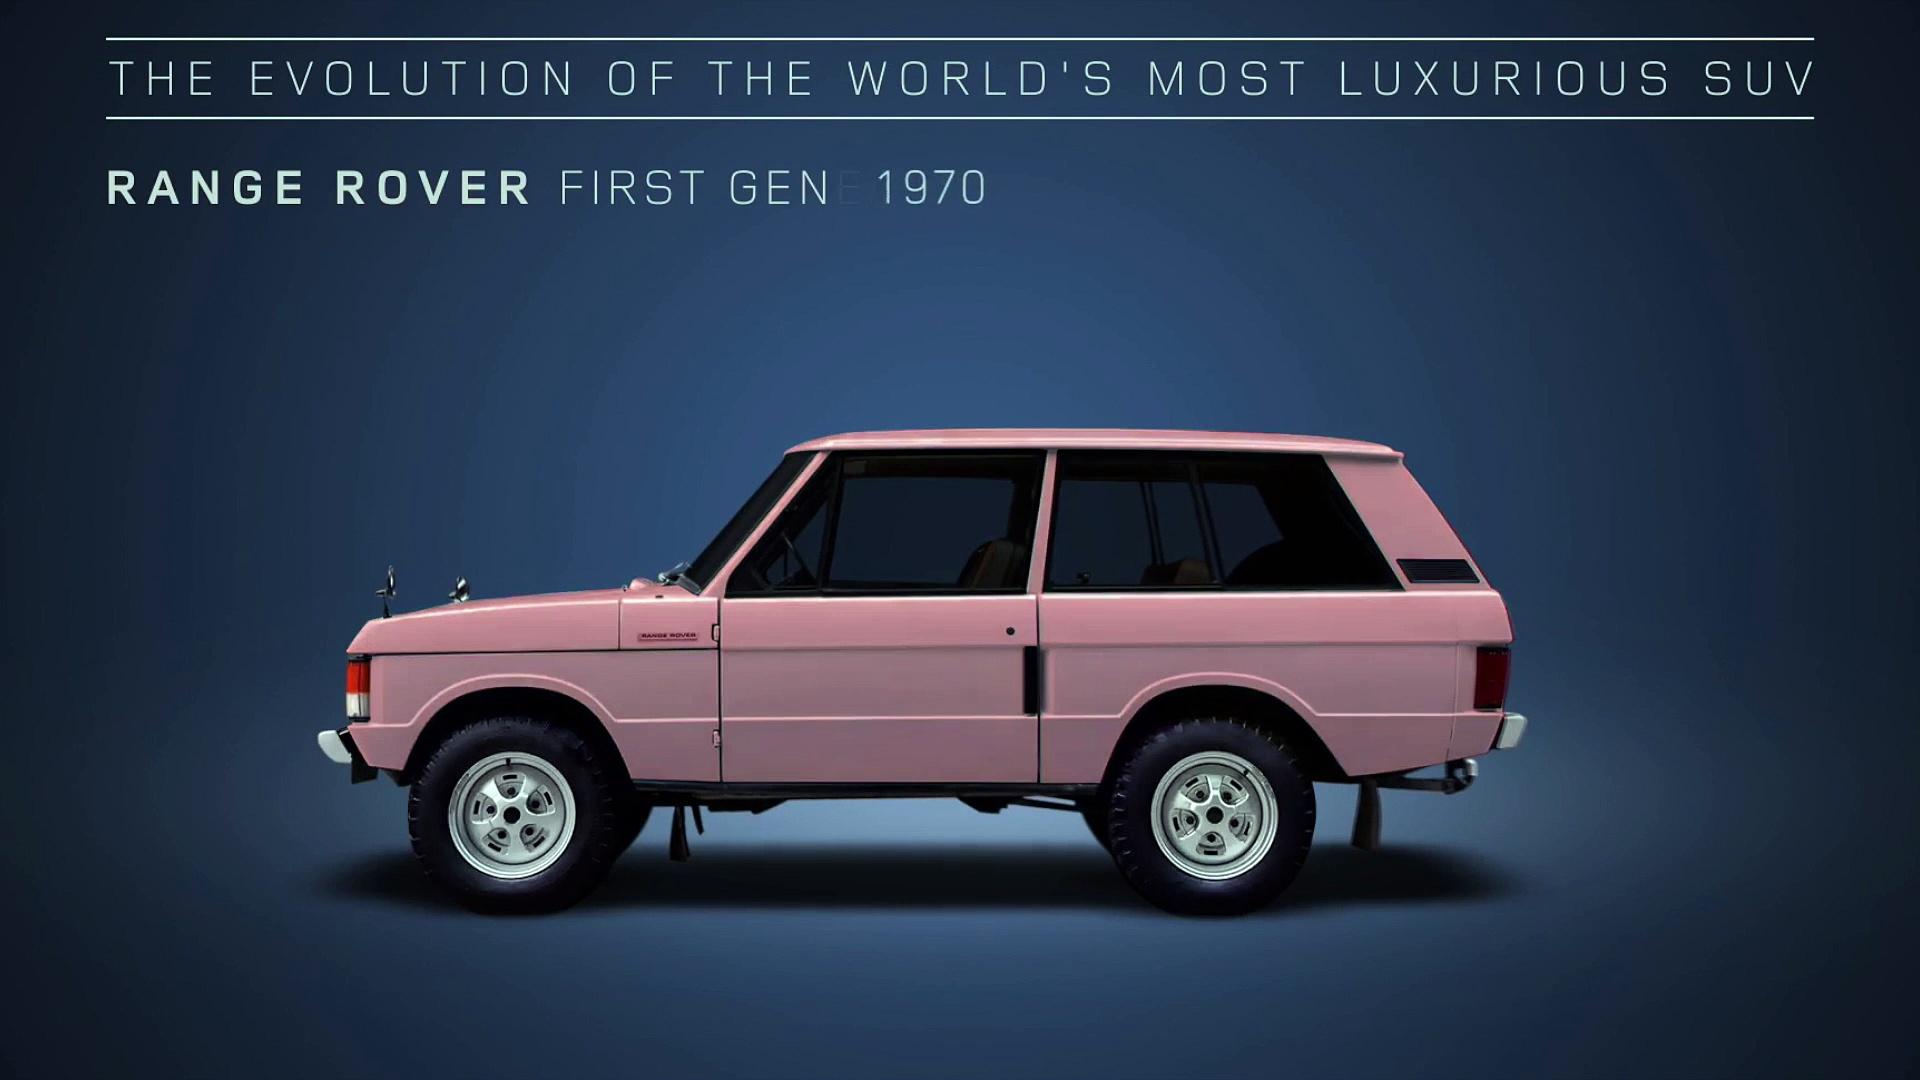 2018 Range Rover Evolution